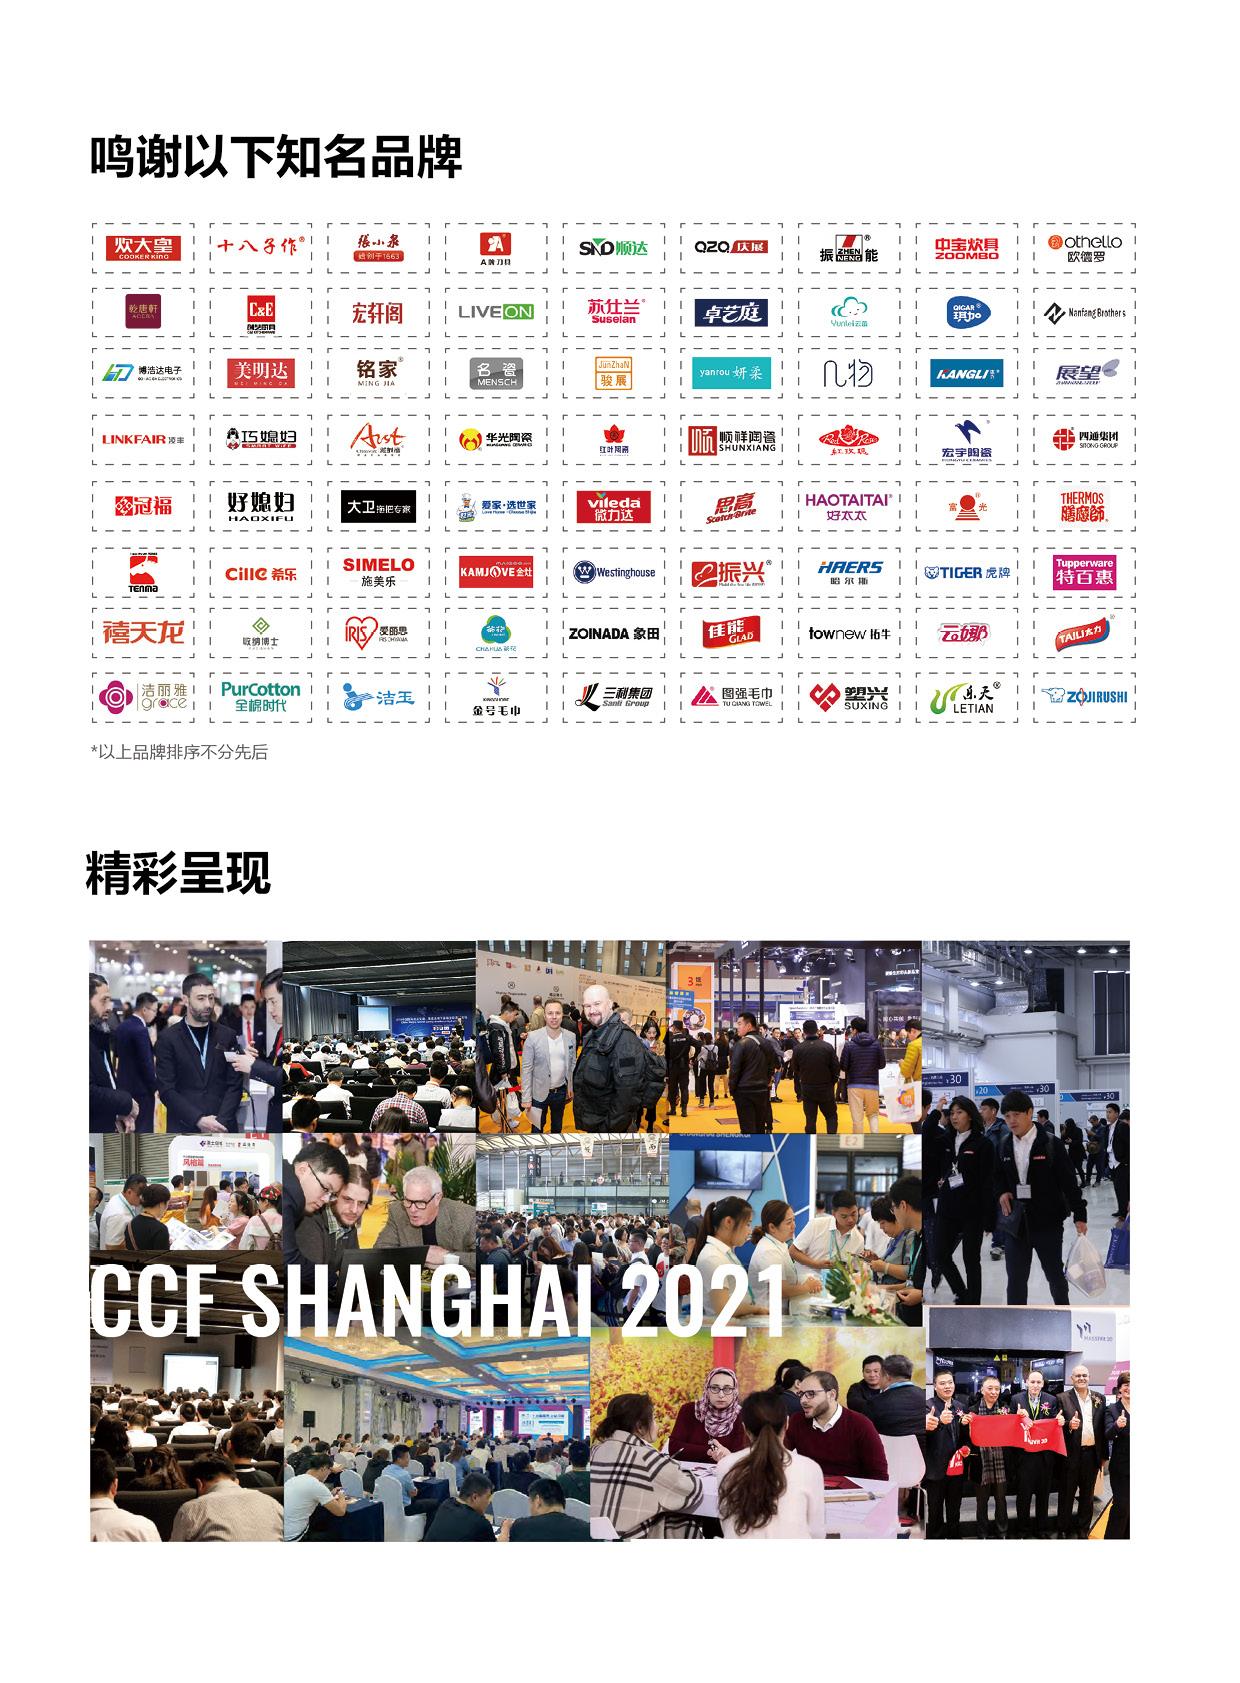 2021上海國際禮品展8.jpg